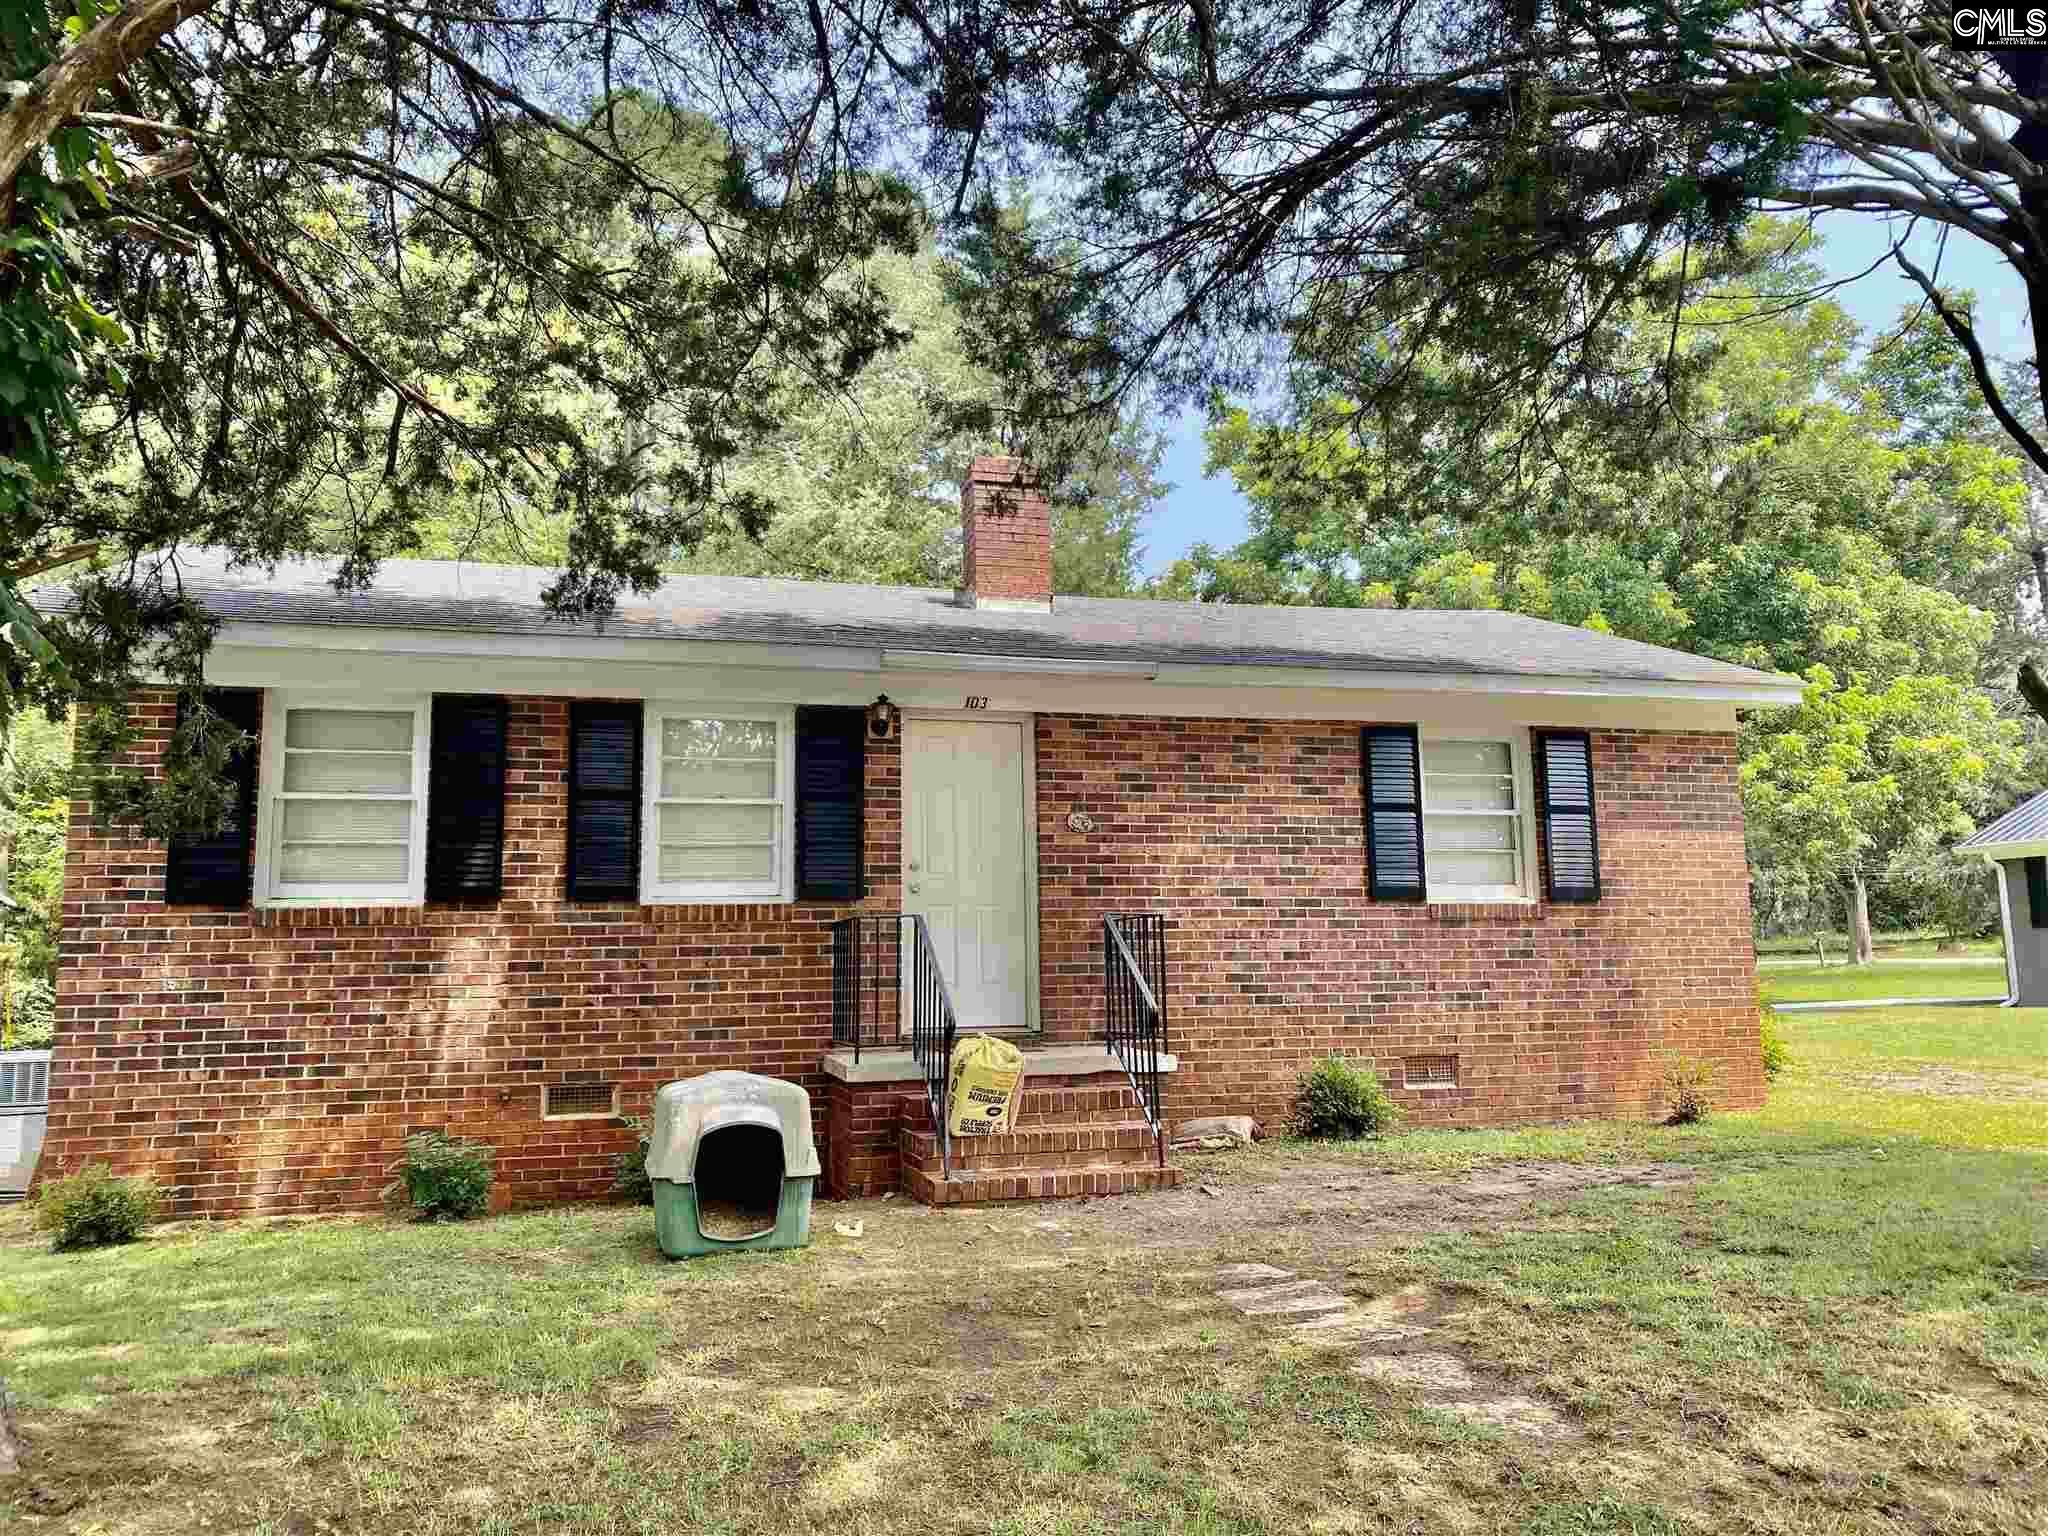 103 Chalmers Street Winnsboro, SC 29180-1215